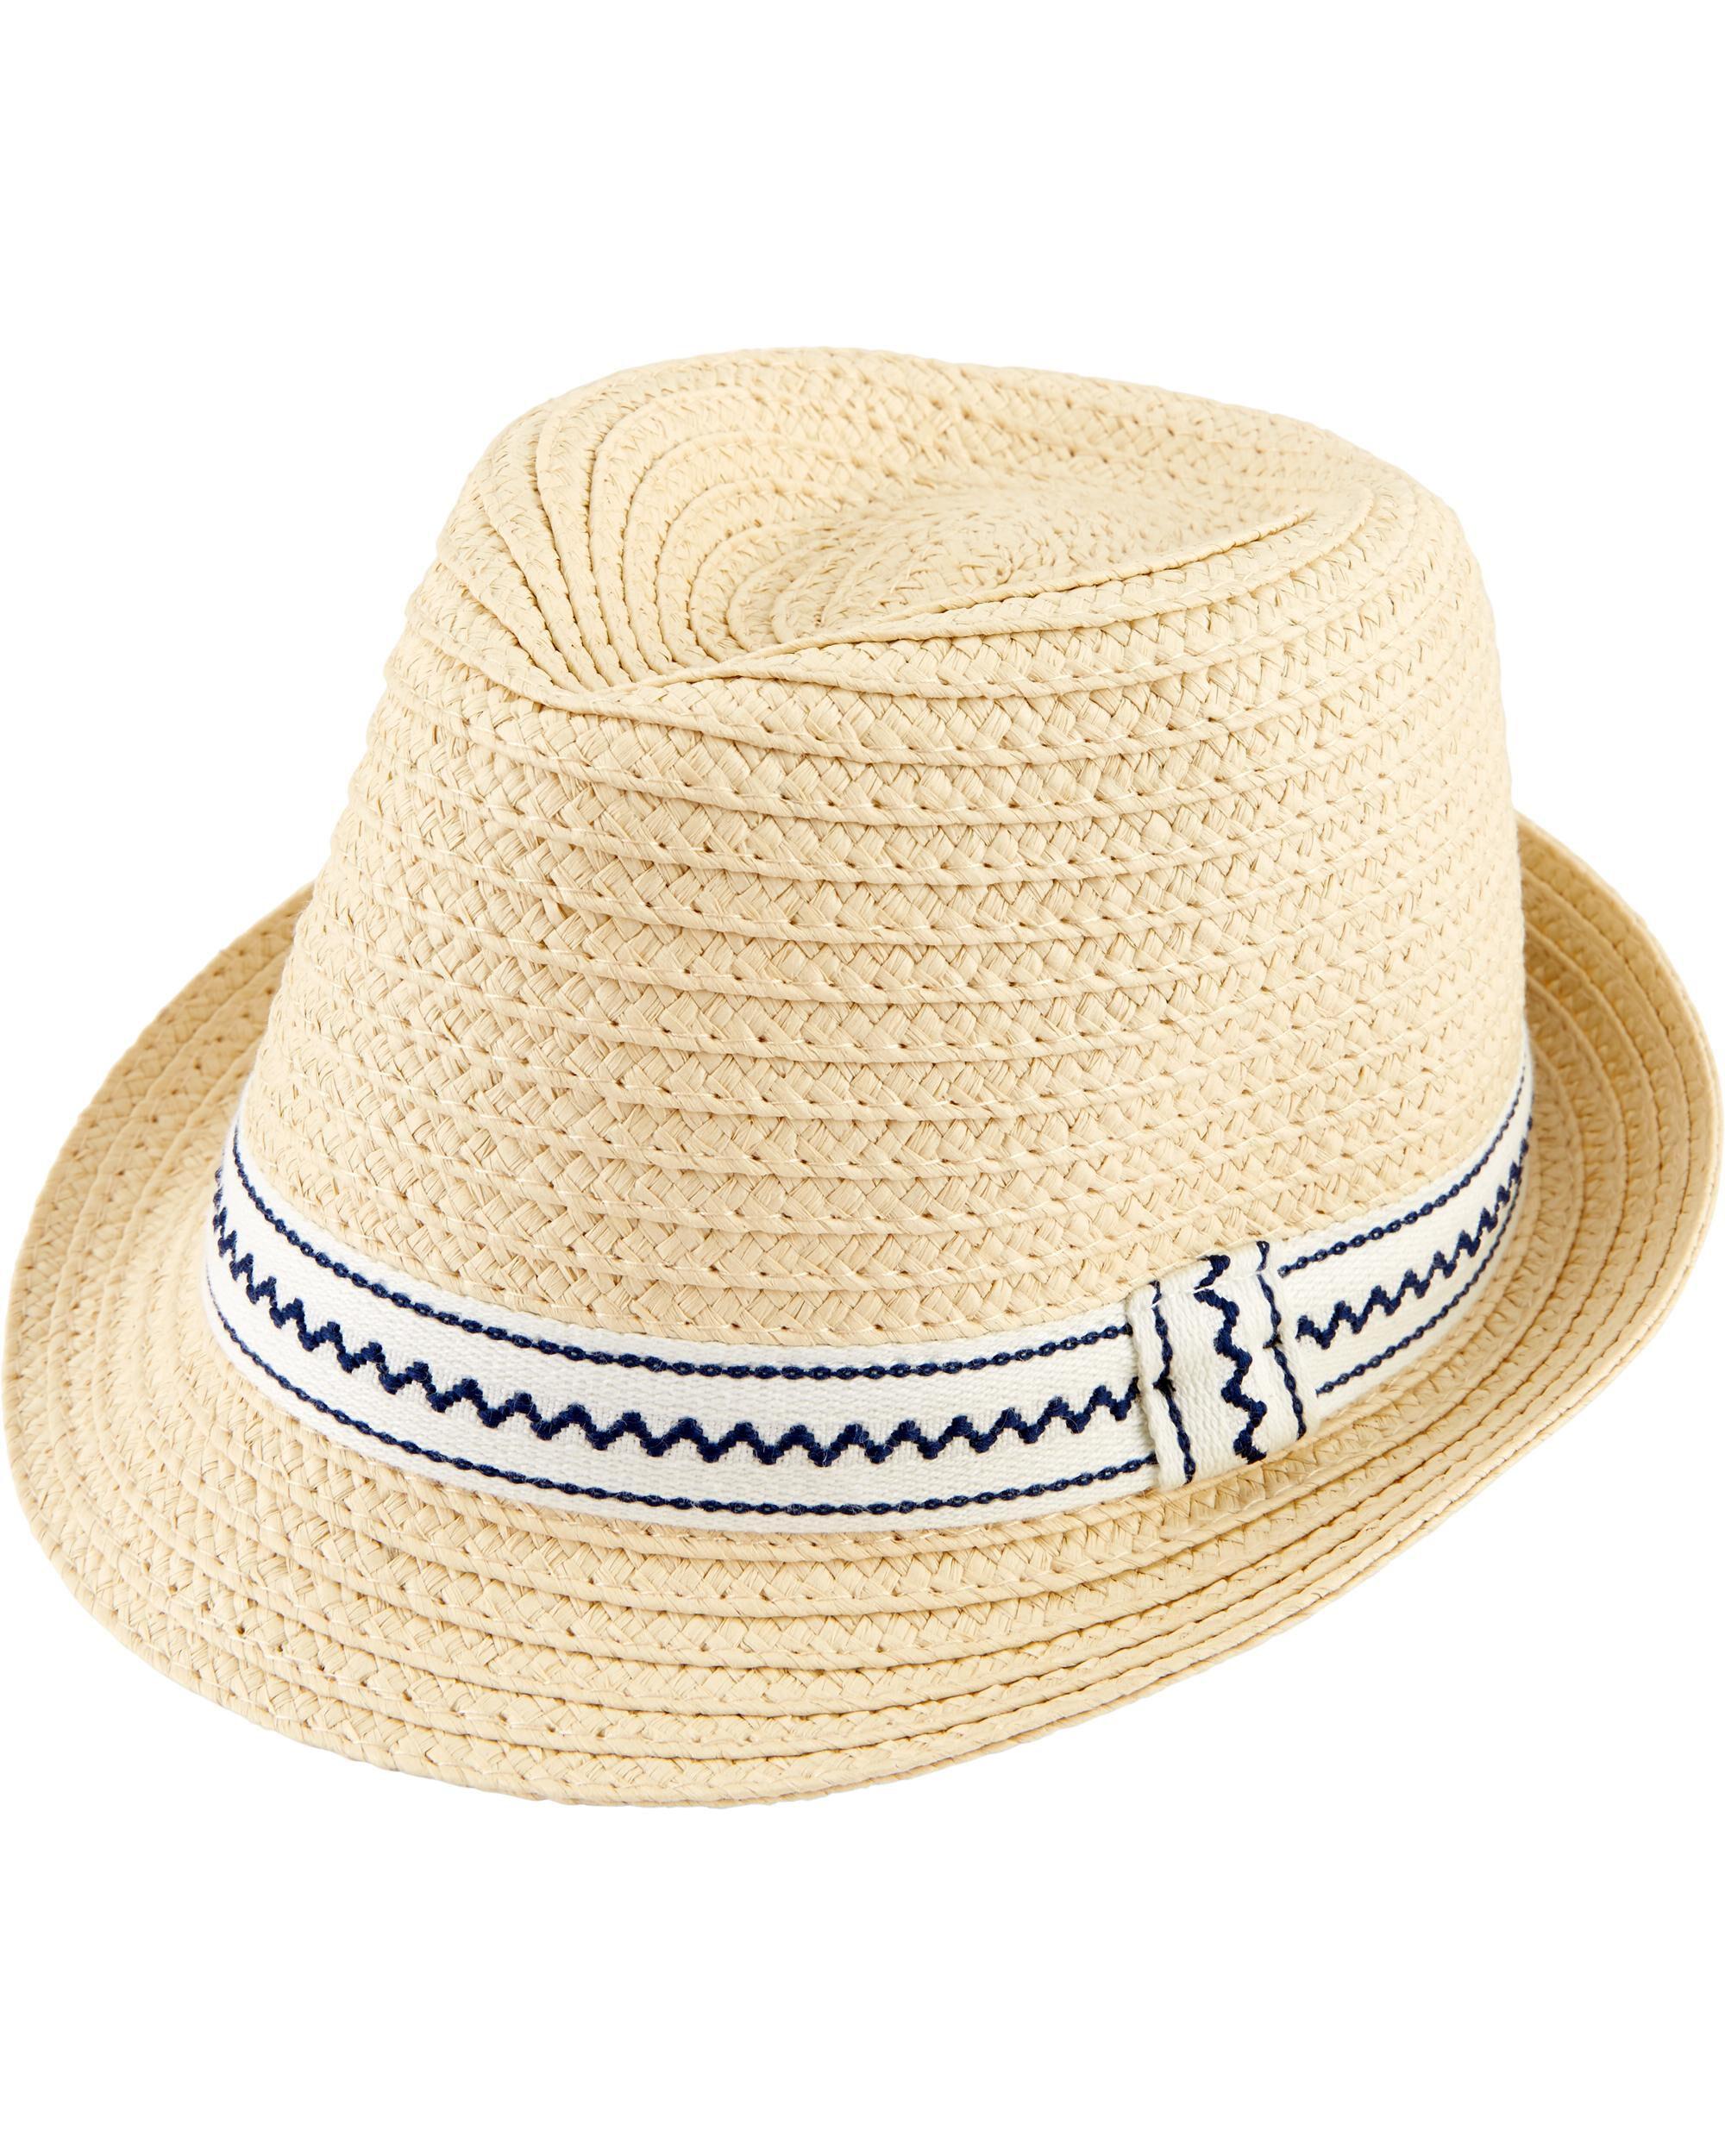 2fa27dffa266e Brimmed Straw Hat